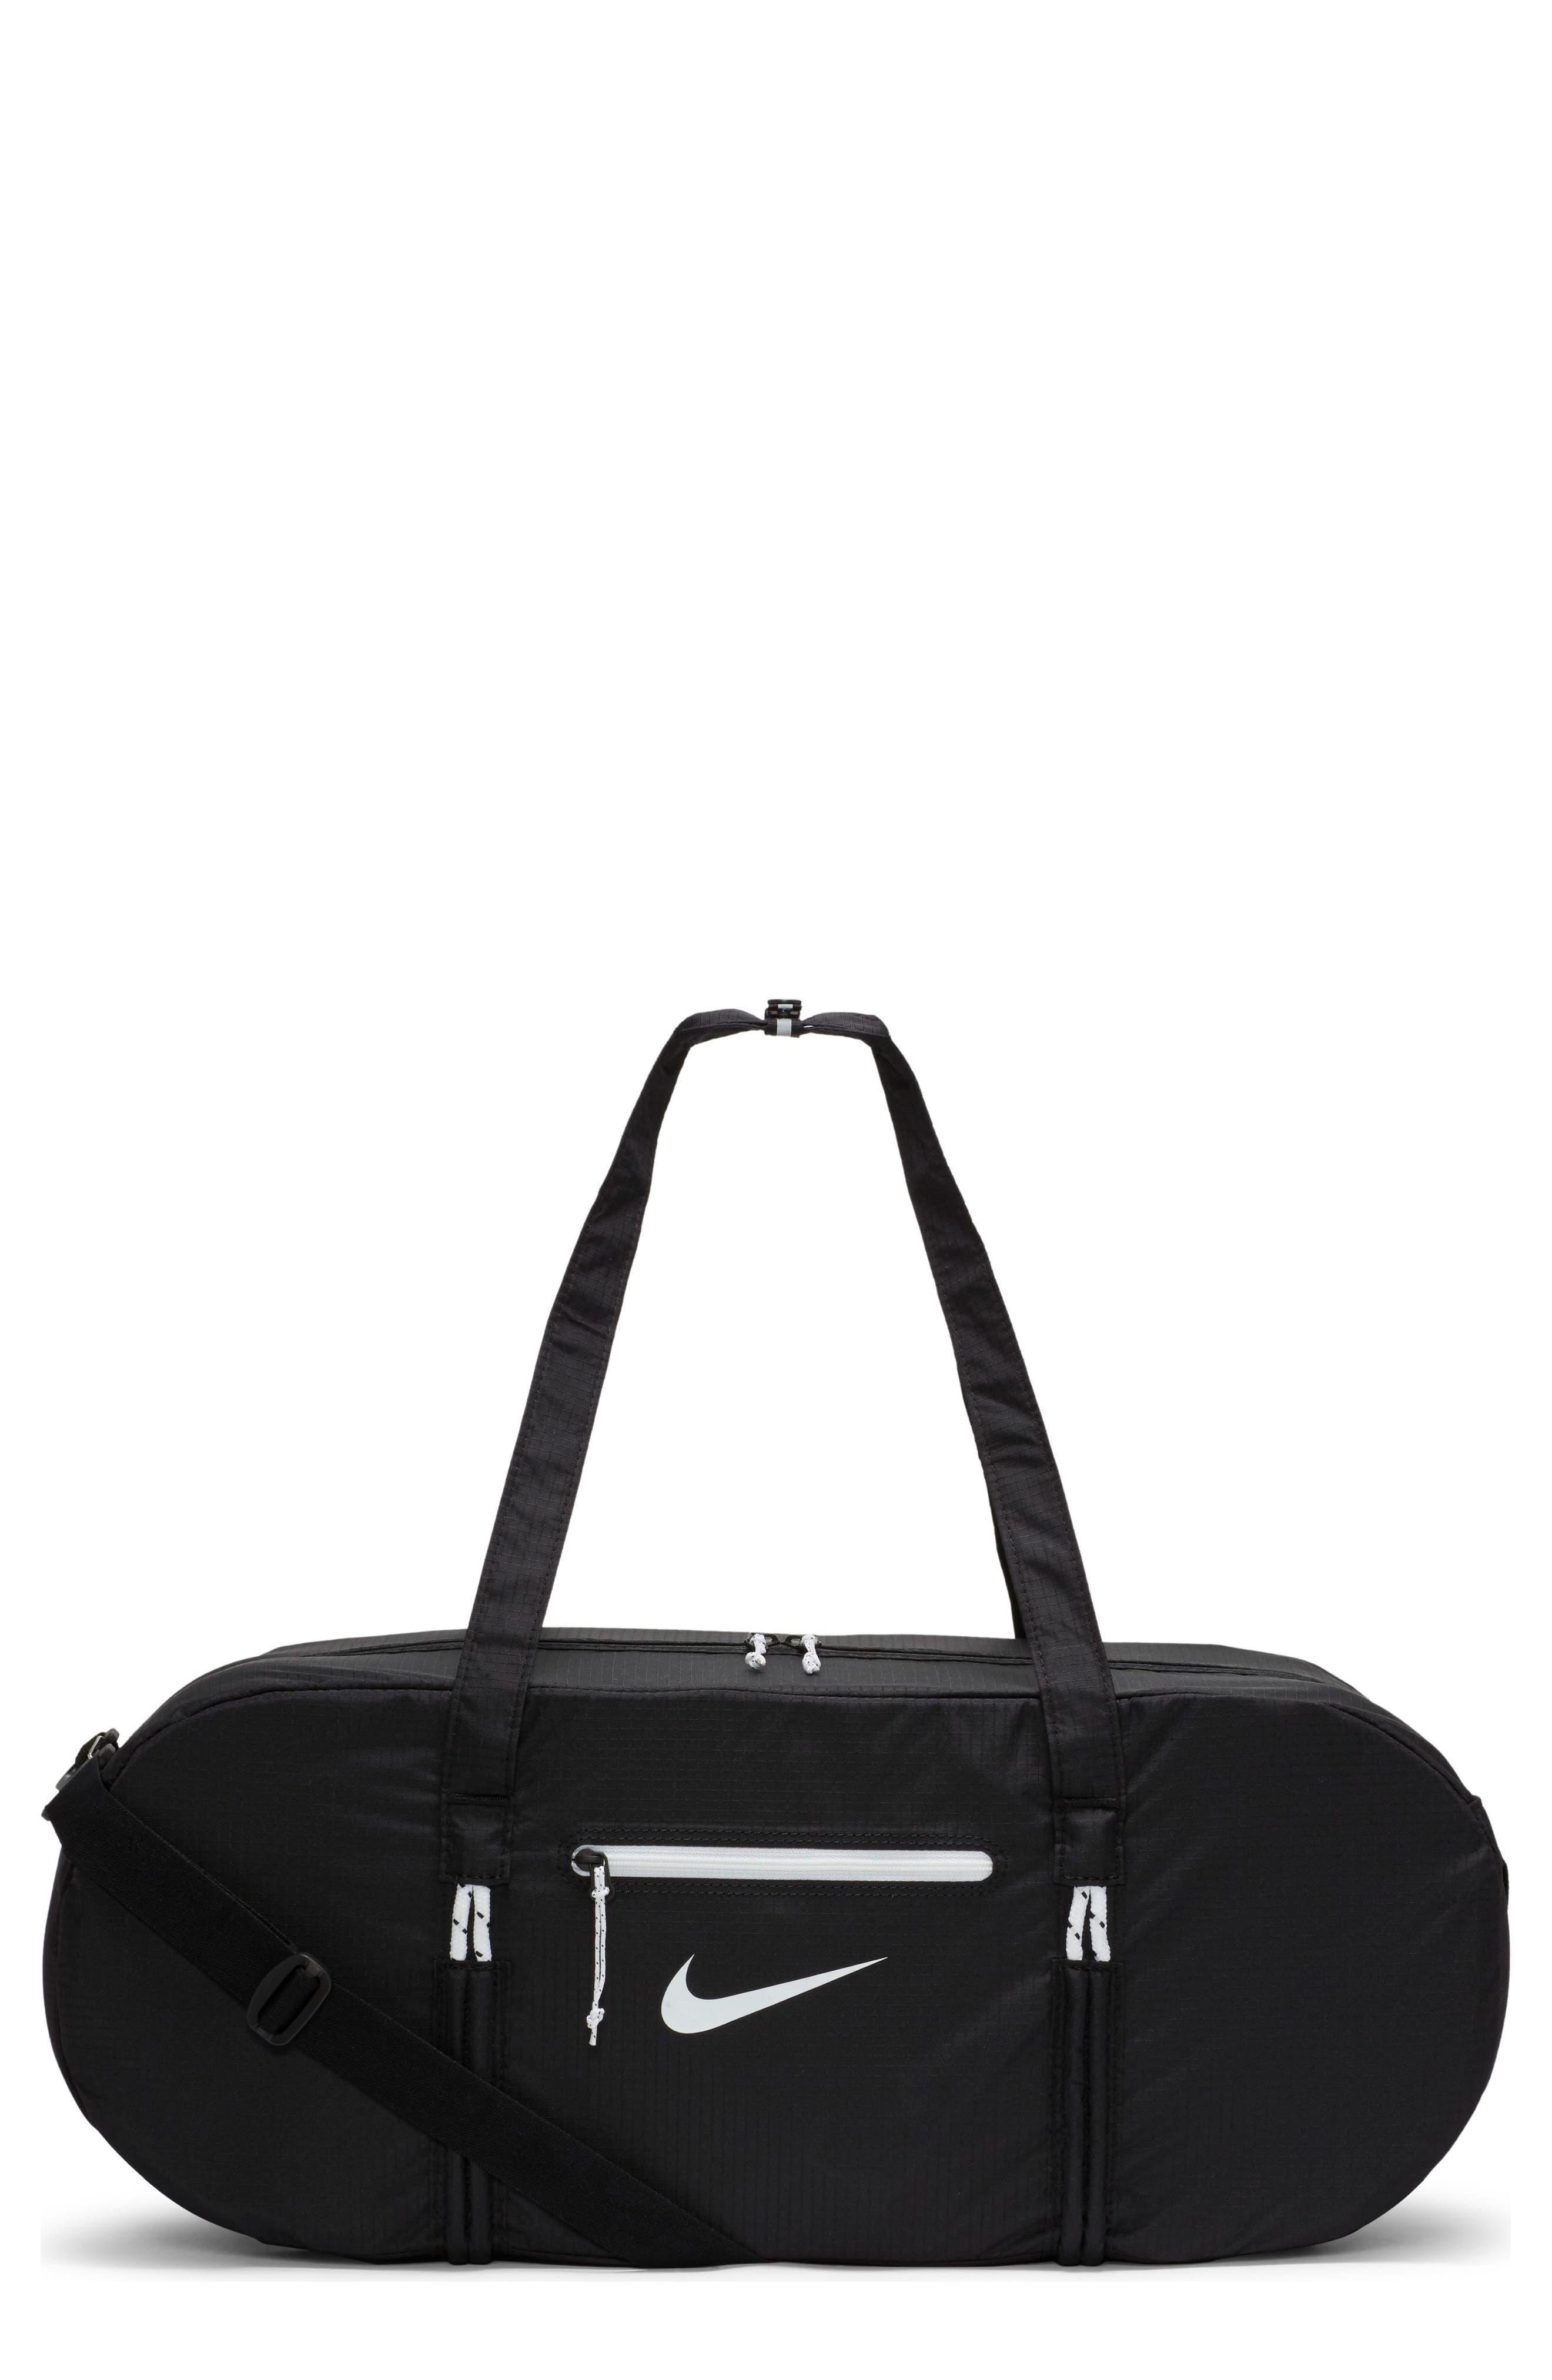 Stash Duffle Bag